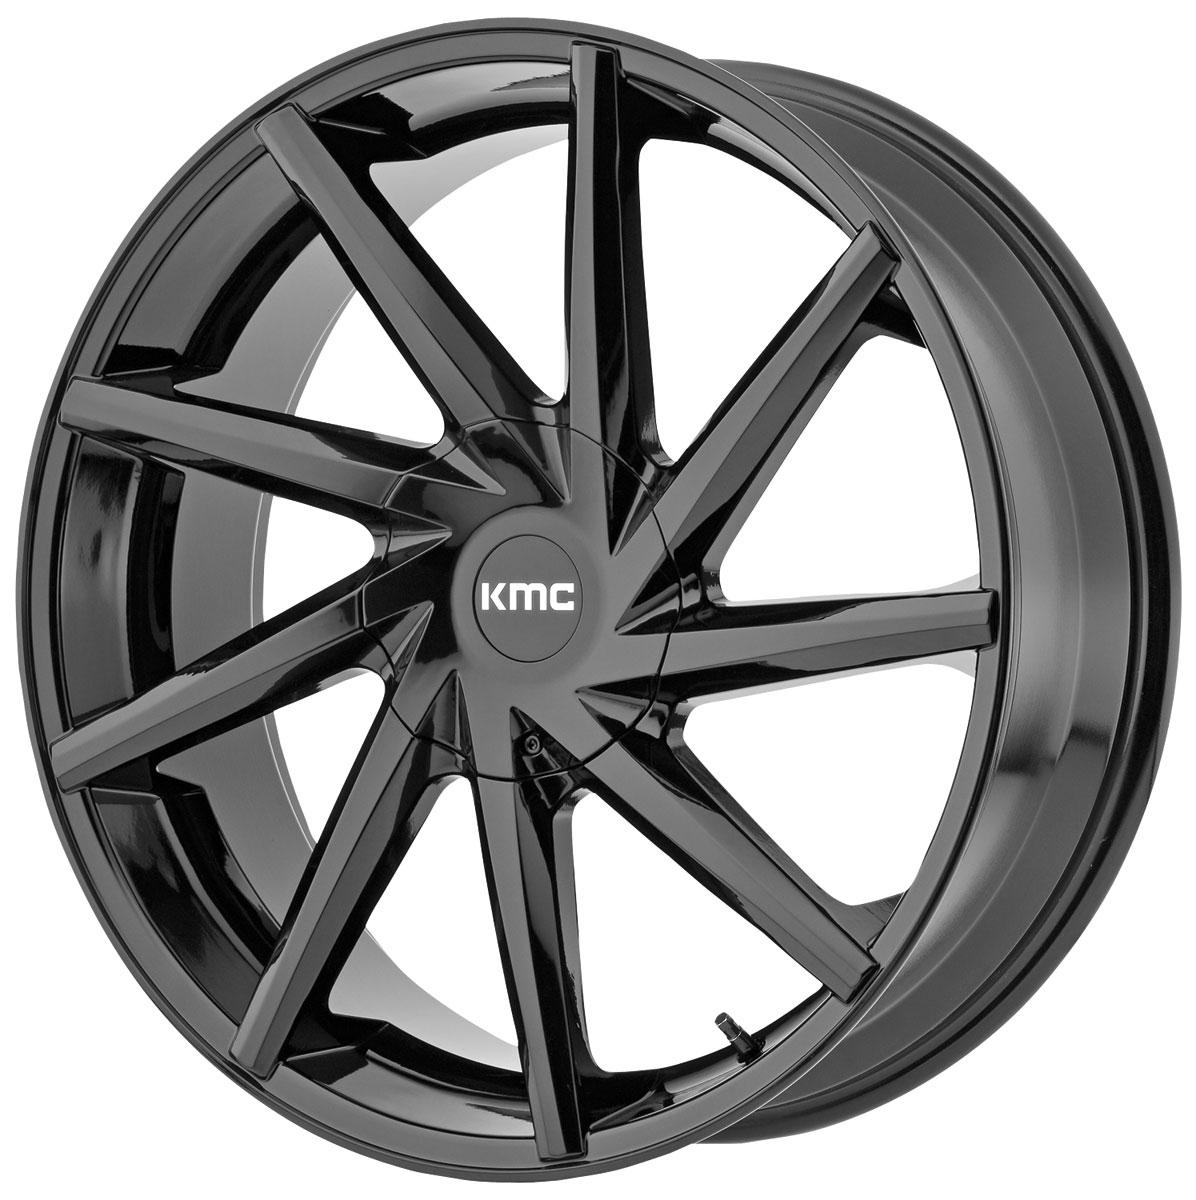 Wheel, KMC, Burst, 1999-2019 Escalade, 20X8.5